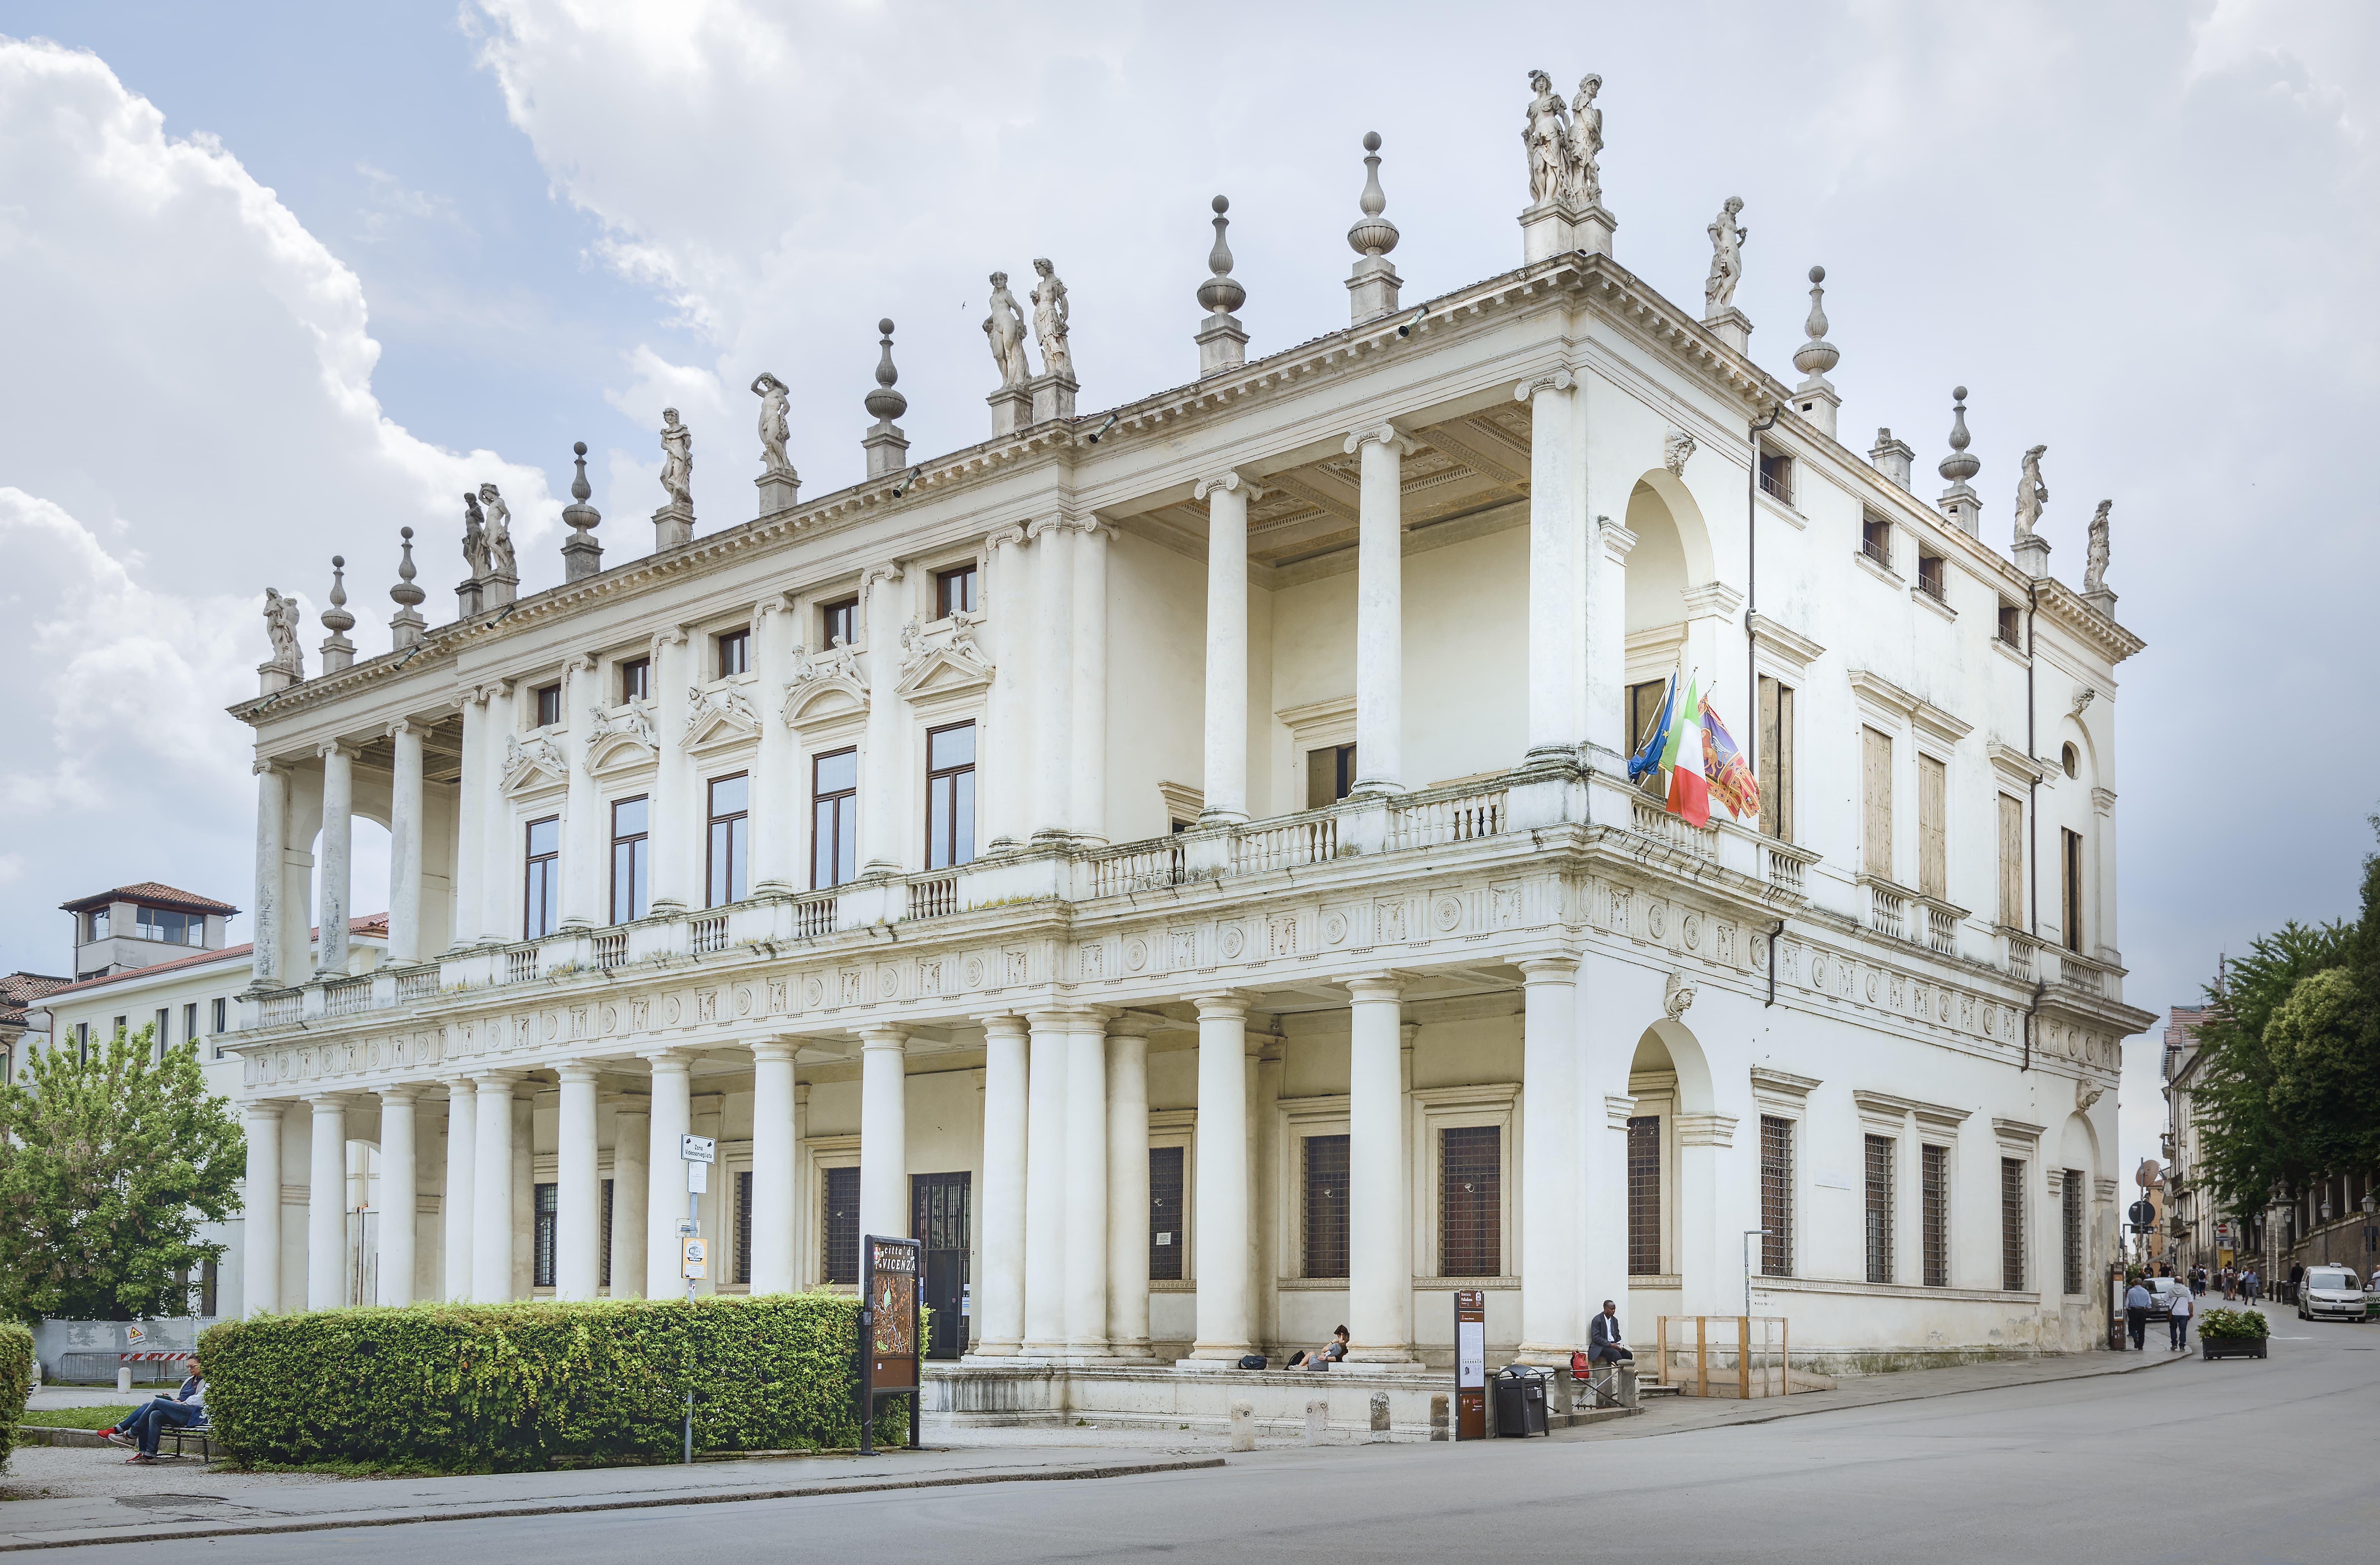 Palazzo Chiericati, Vicenza<br /><br />Giovanni Chiericati megbízatásából kezdték el építeni az 1550-es évek elején. Viszonylag későn, 1680-ban fejezték csak be. A legtöbb művétől eltérően itt igen változatos kialakítással találkozunk. <br /><br />Kép: Wikimedia Commons / Didier Descouens<br />